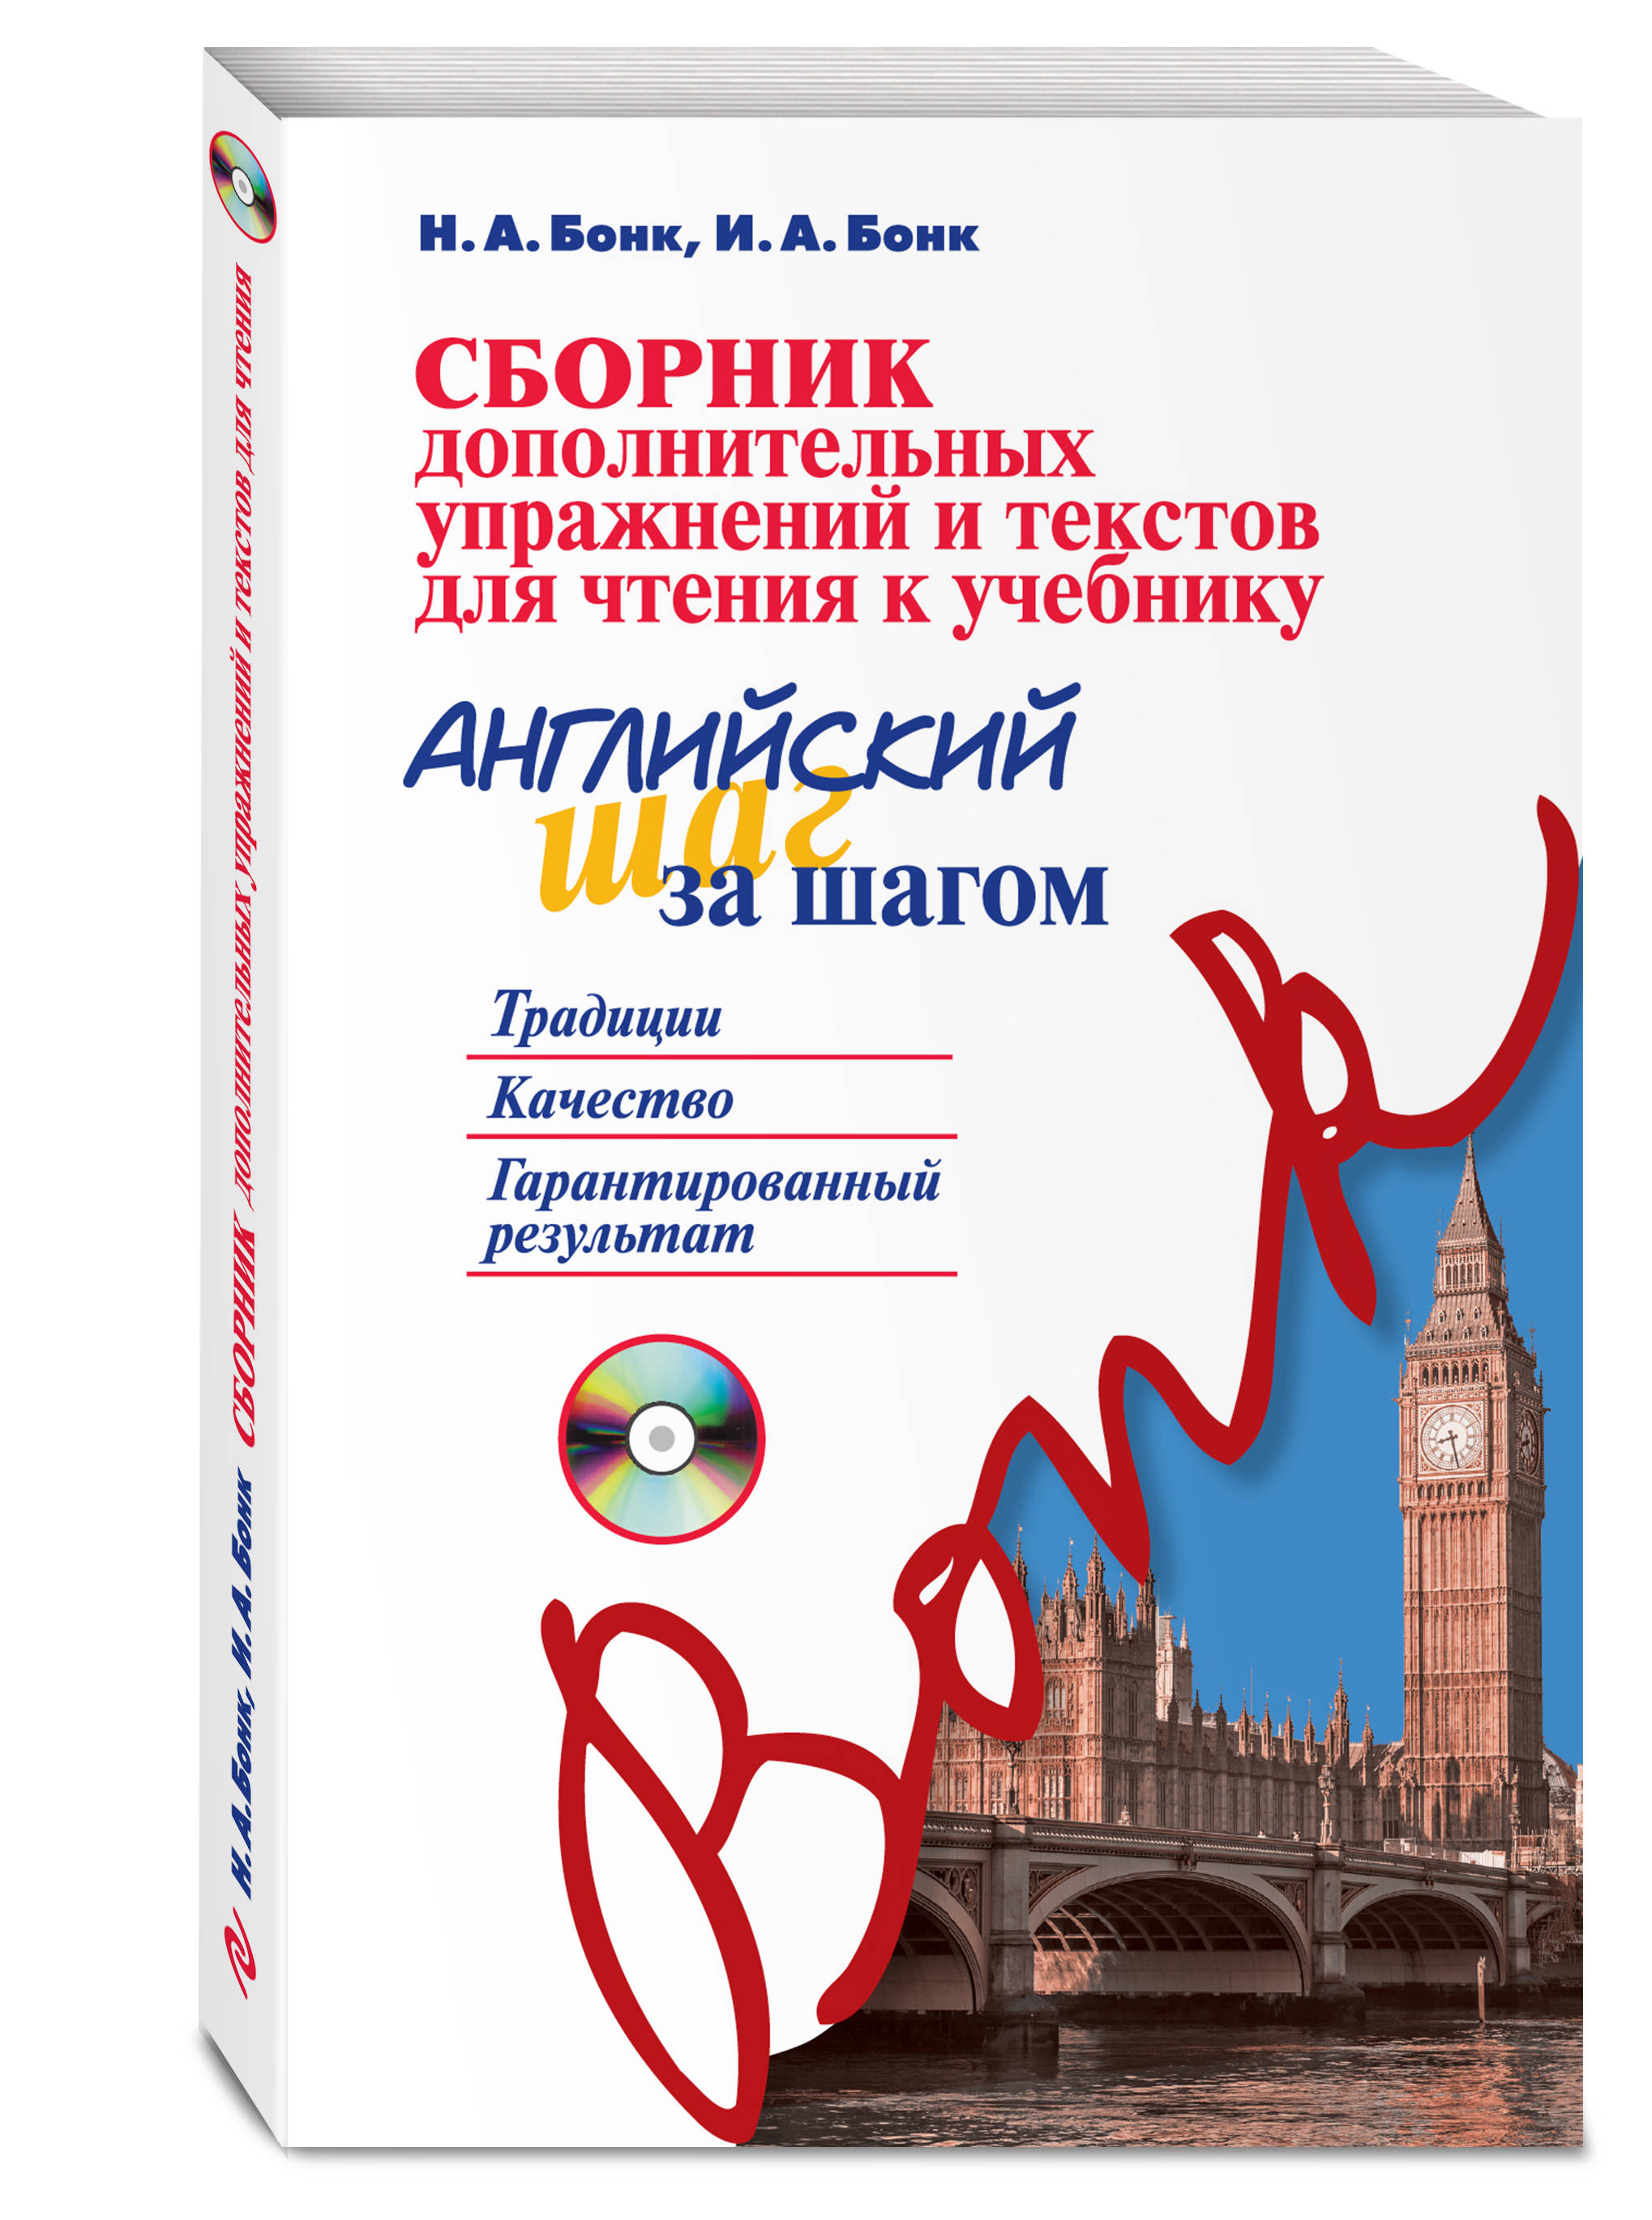 Сборник дополнительных упражнений и текстов для чтения к учебнику «Английский шаг за шагом» (+СD)